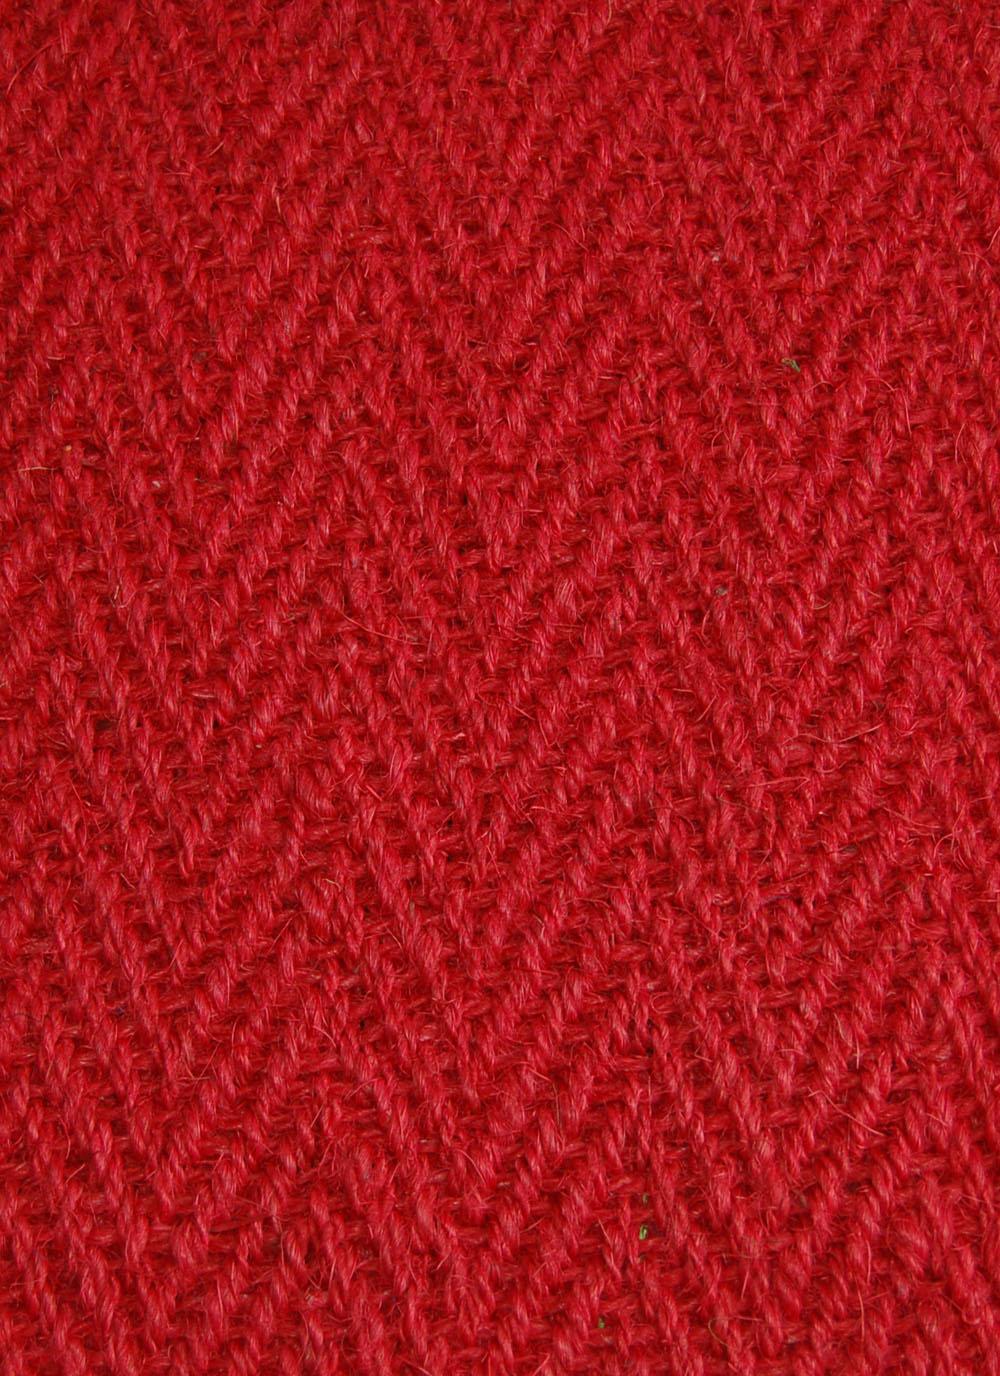 Kokosteppich Rot